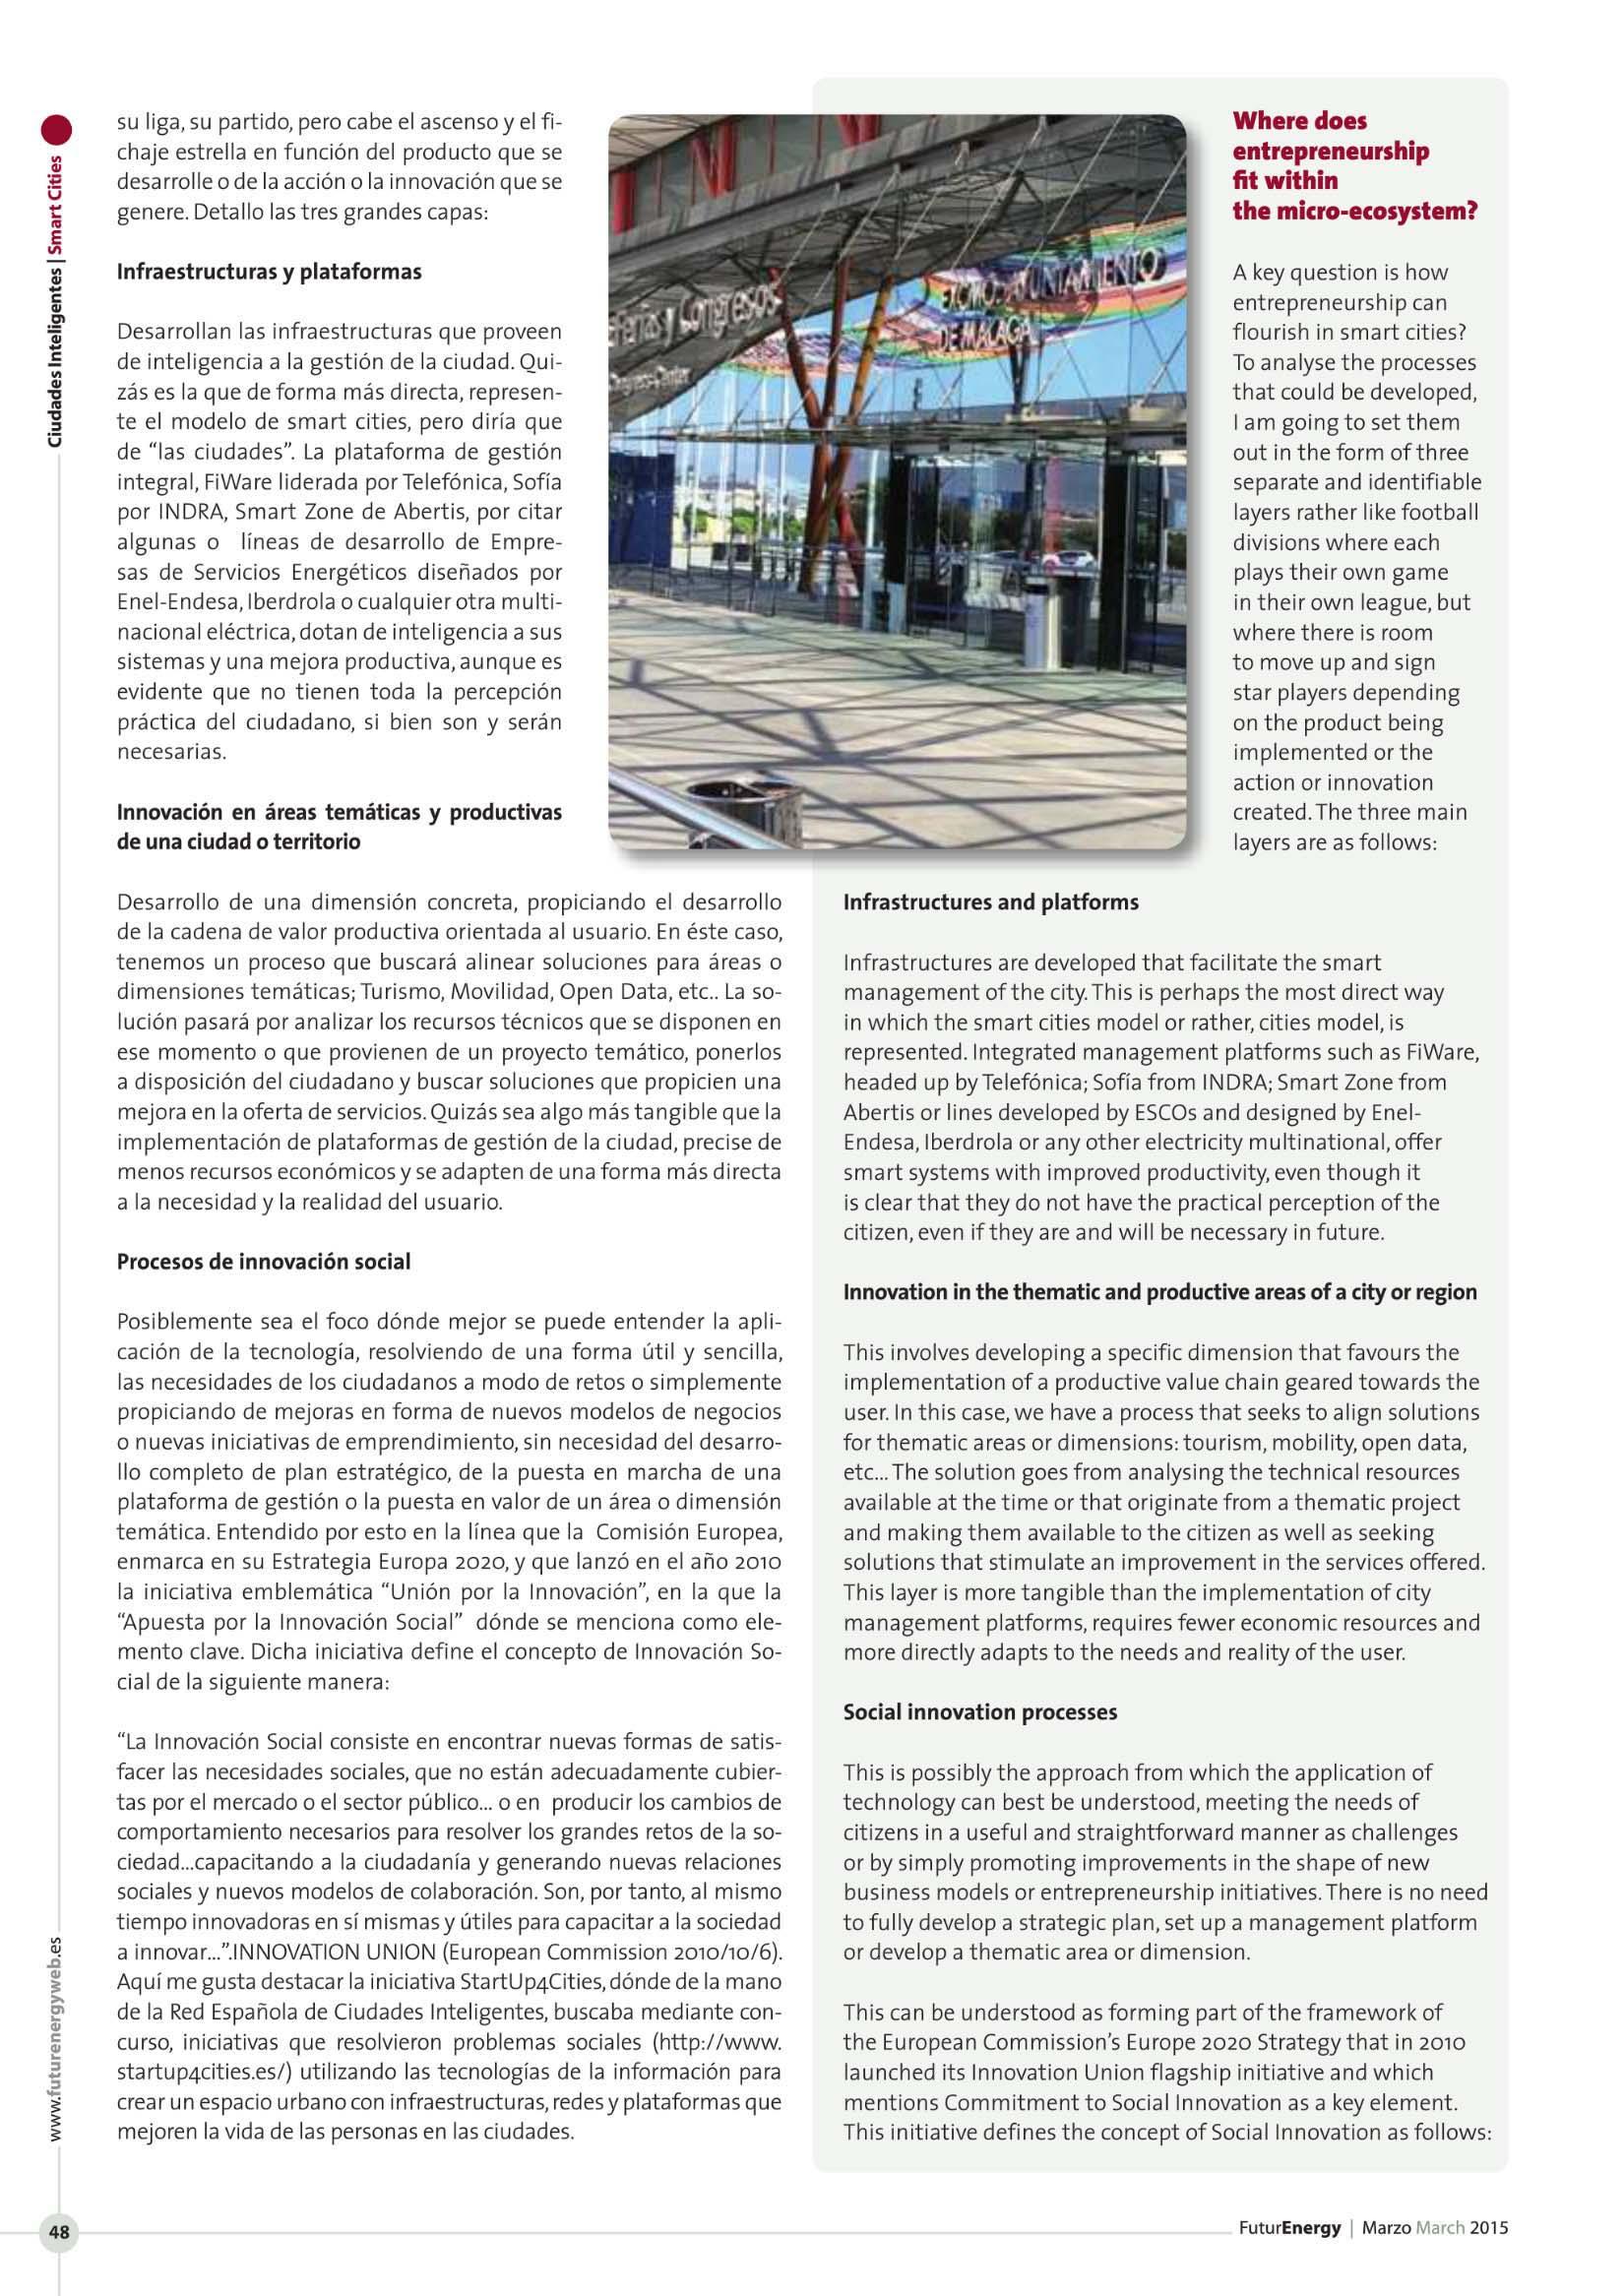 Articulo_Fco_Morcillo_Futur_Energy_Page_2